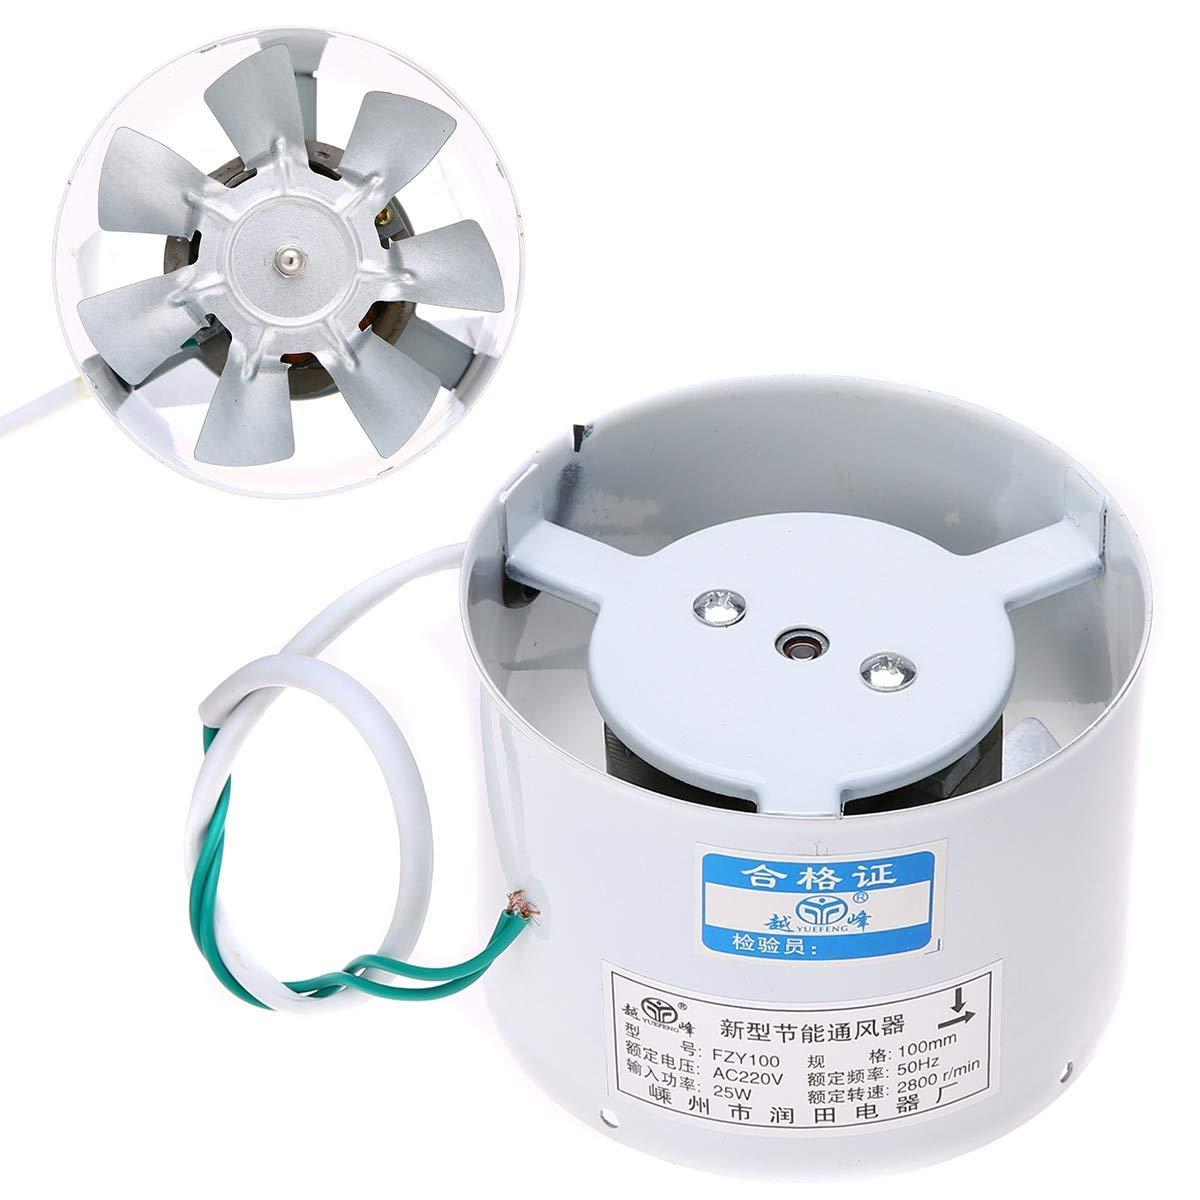 meite MB14-90 Recessed Exhaust Ventilation Fan ceiling fan bathroom fan 90CFM